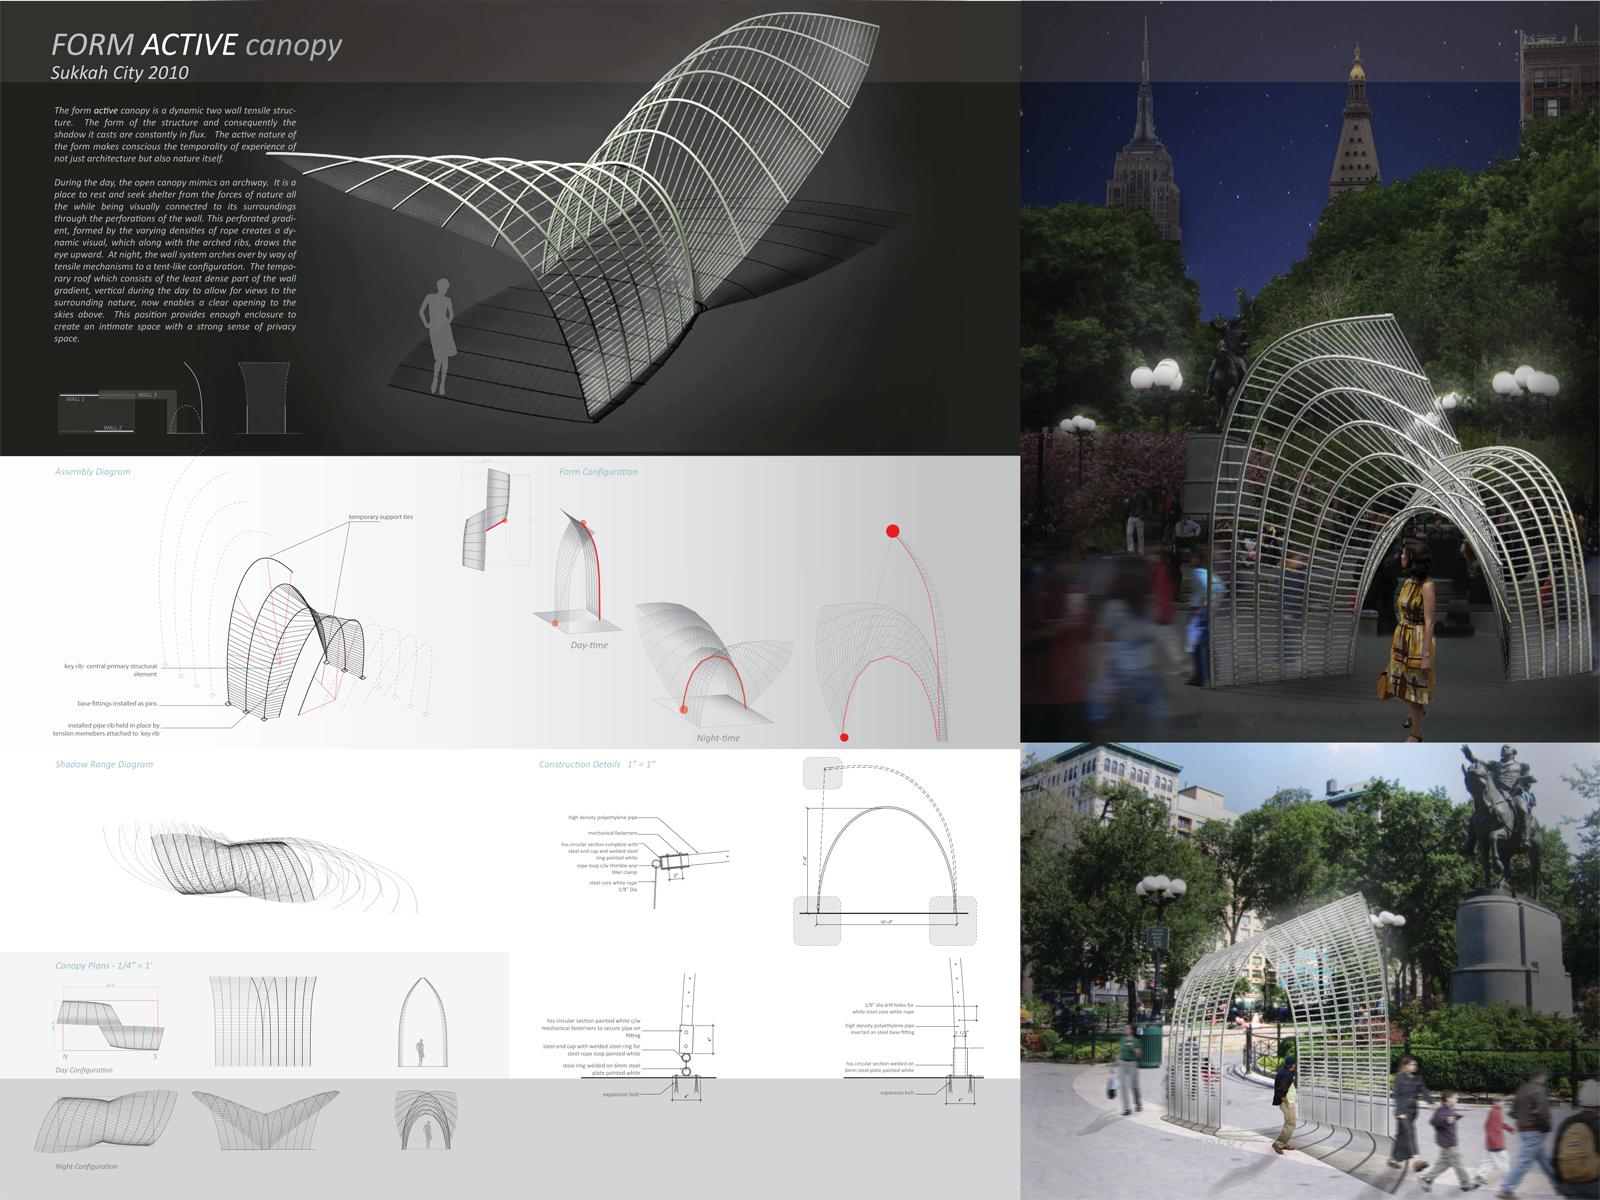 Sukkah City: Form Active Canopy